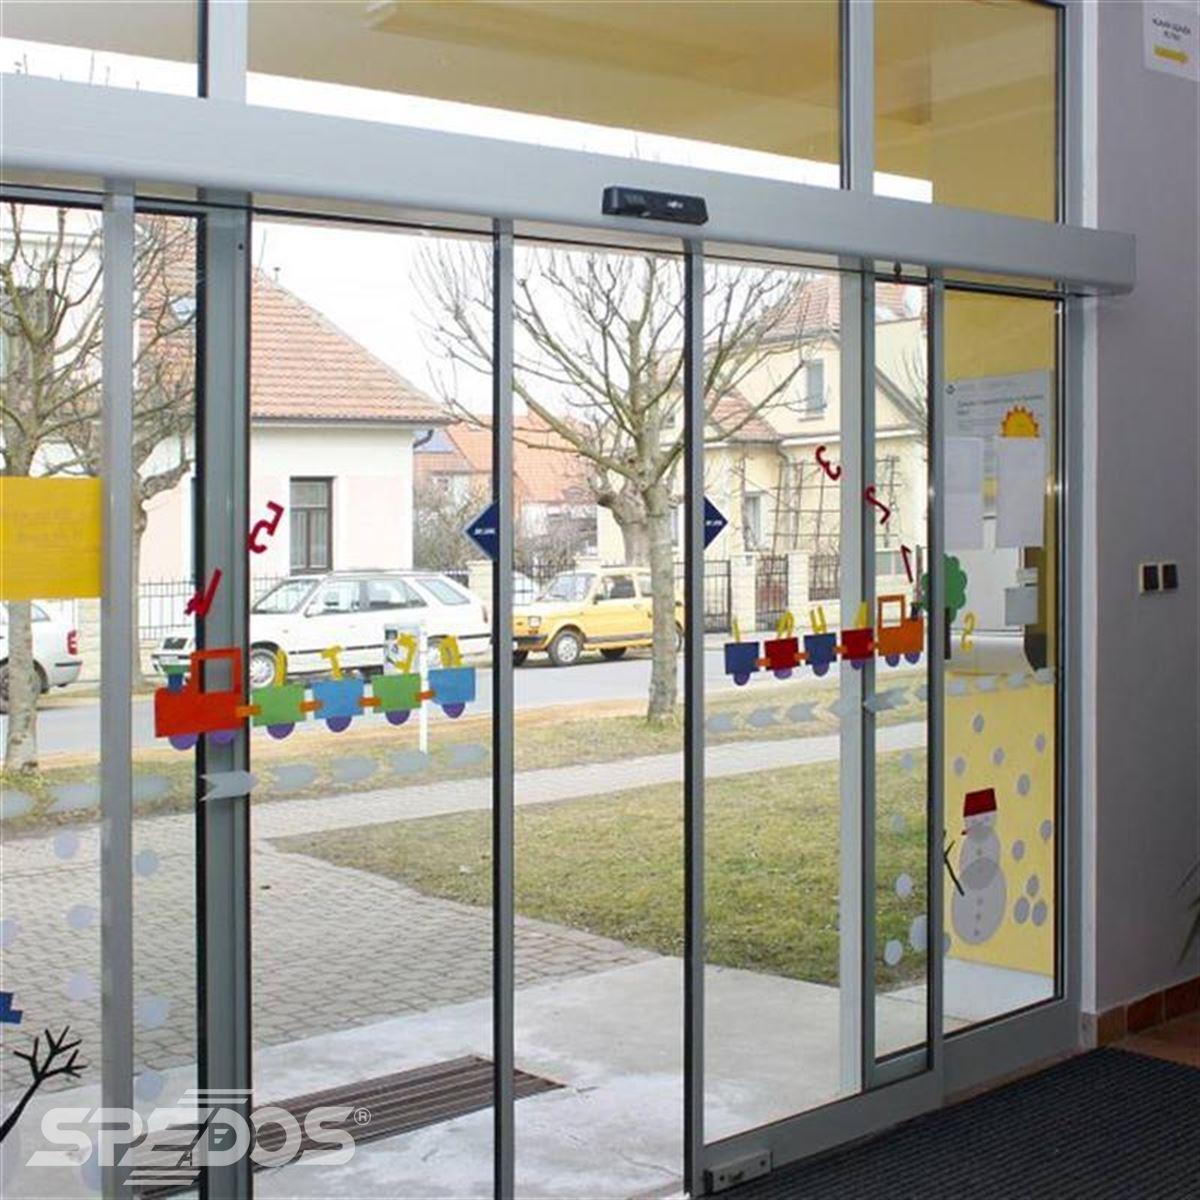 Dvoukřídlé automatické dveře posuvné v základní škole 2